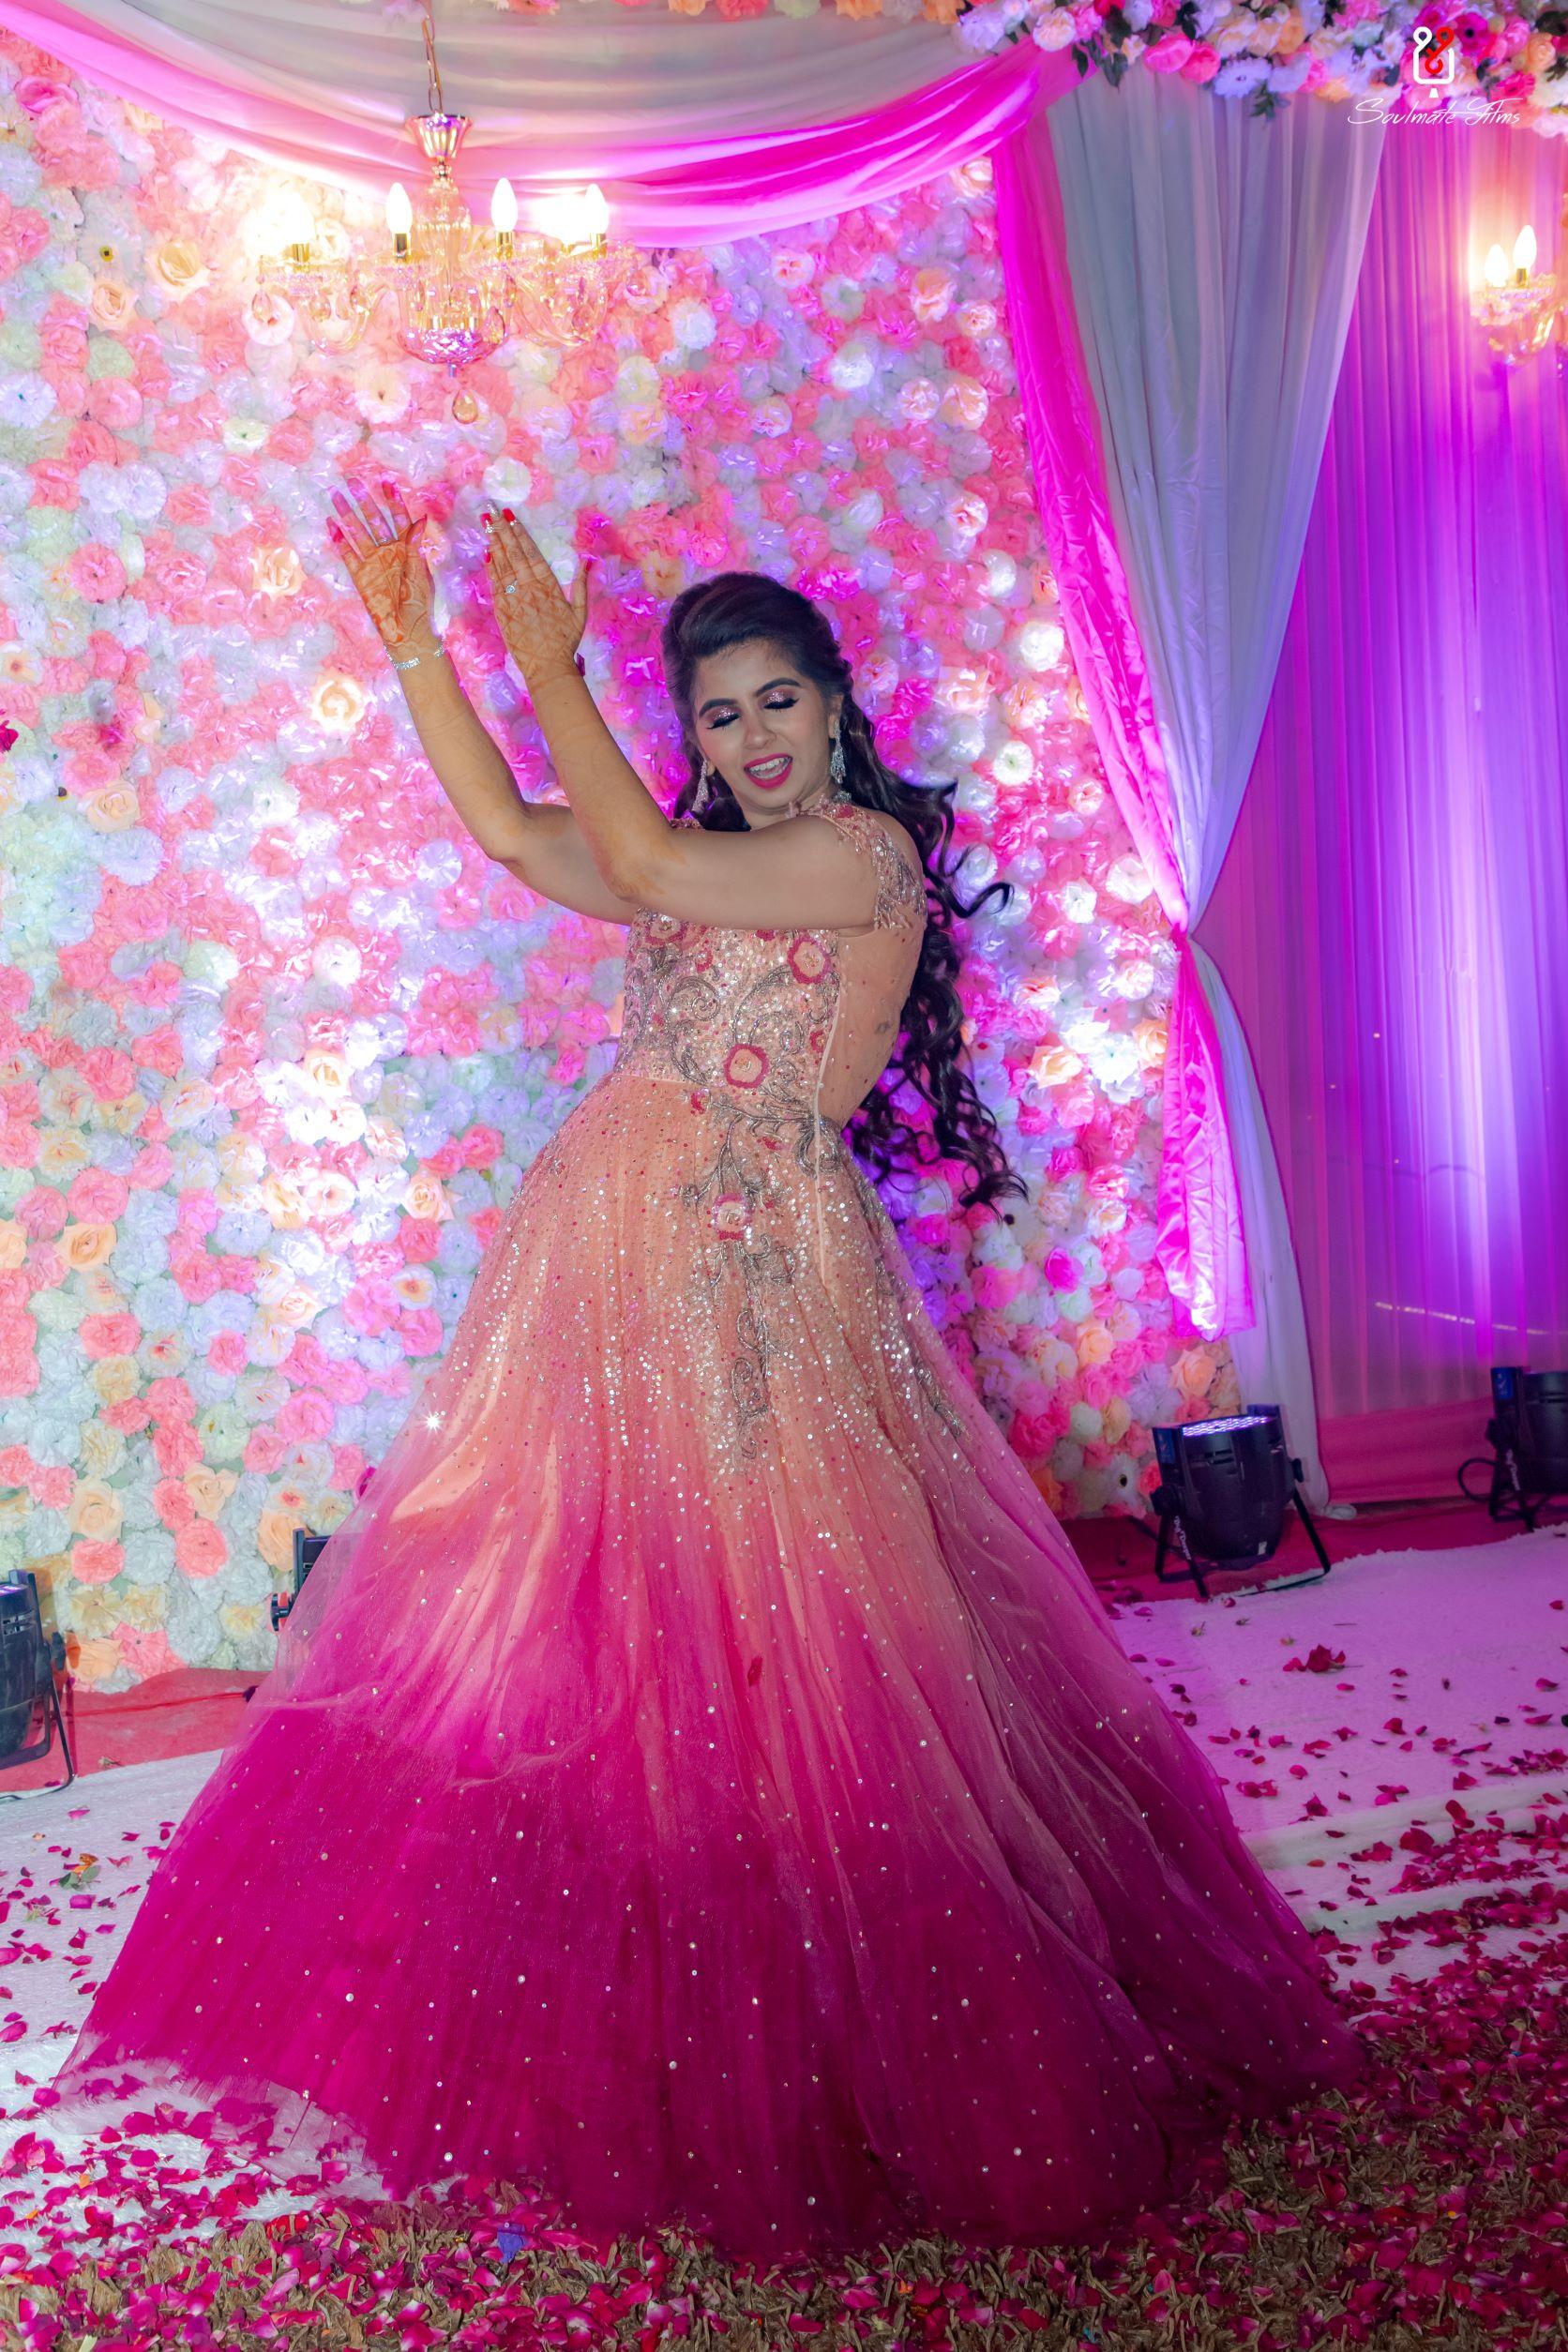 bride in pink ombre gown dancing